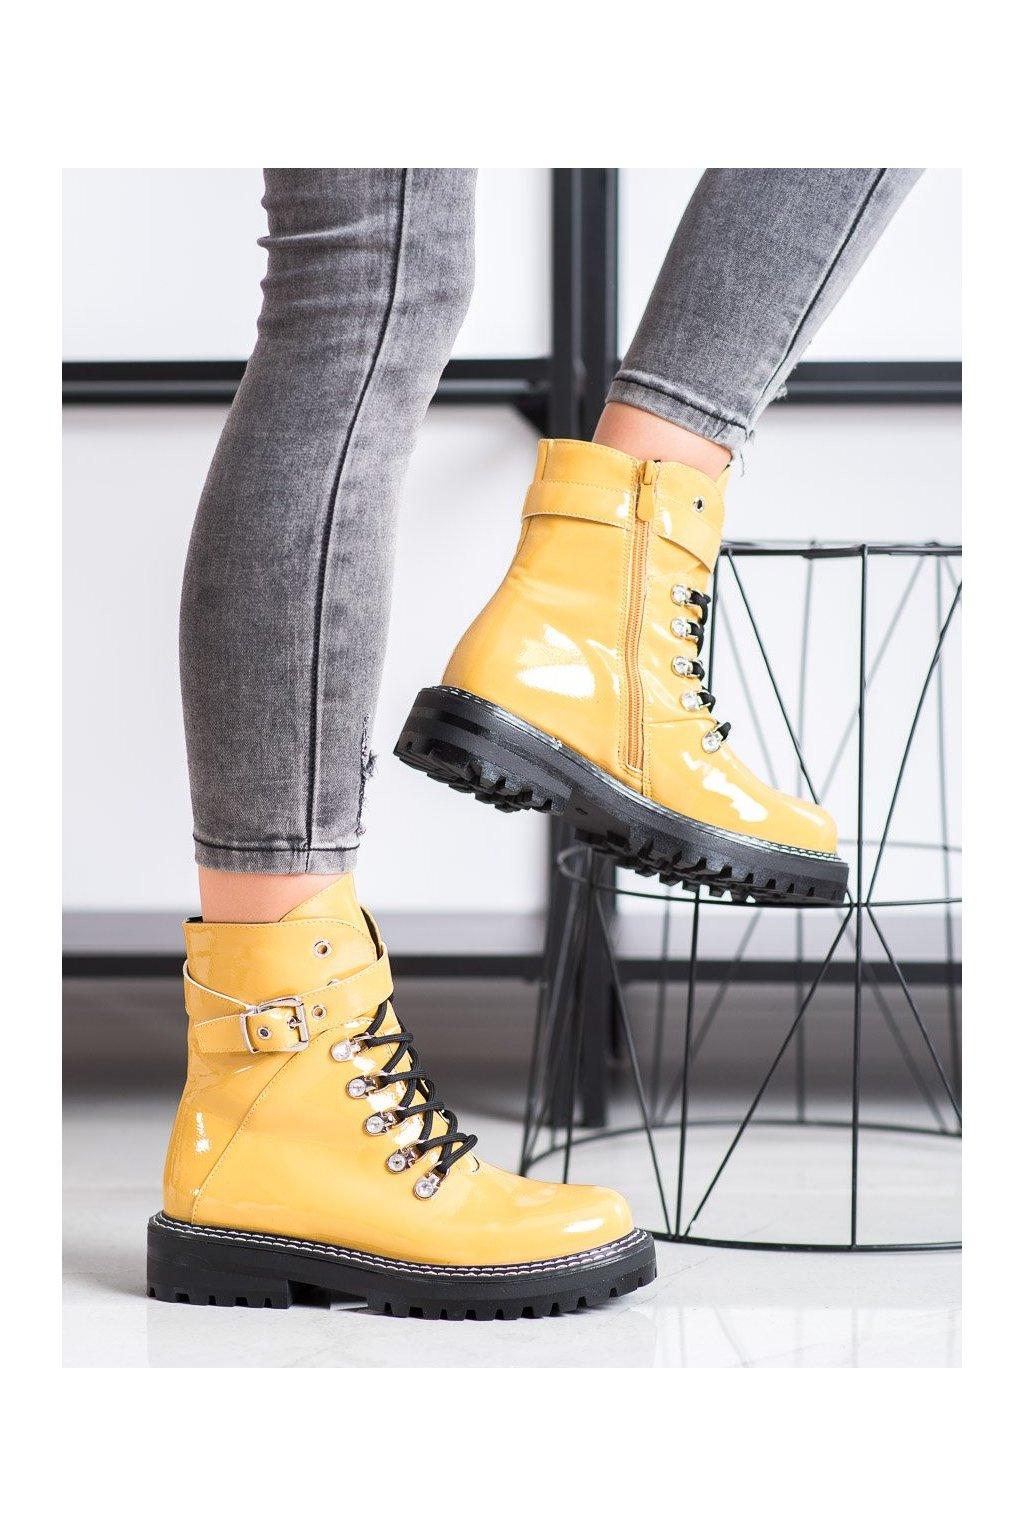 Žlté dámske topánky Sds kod 8120-PA-Y